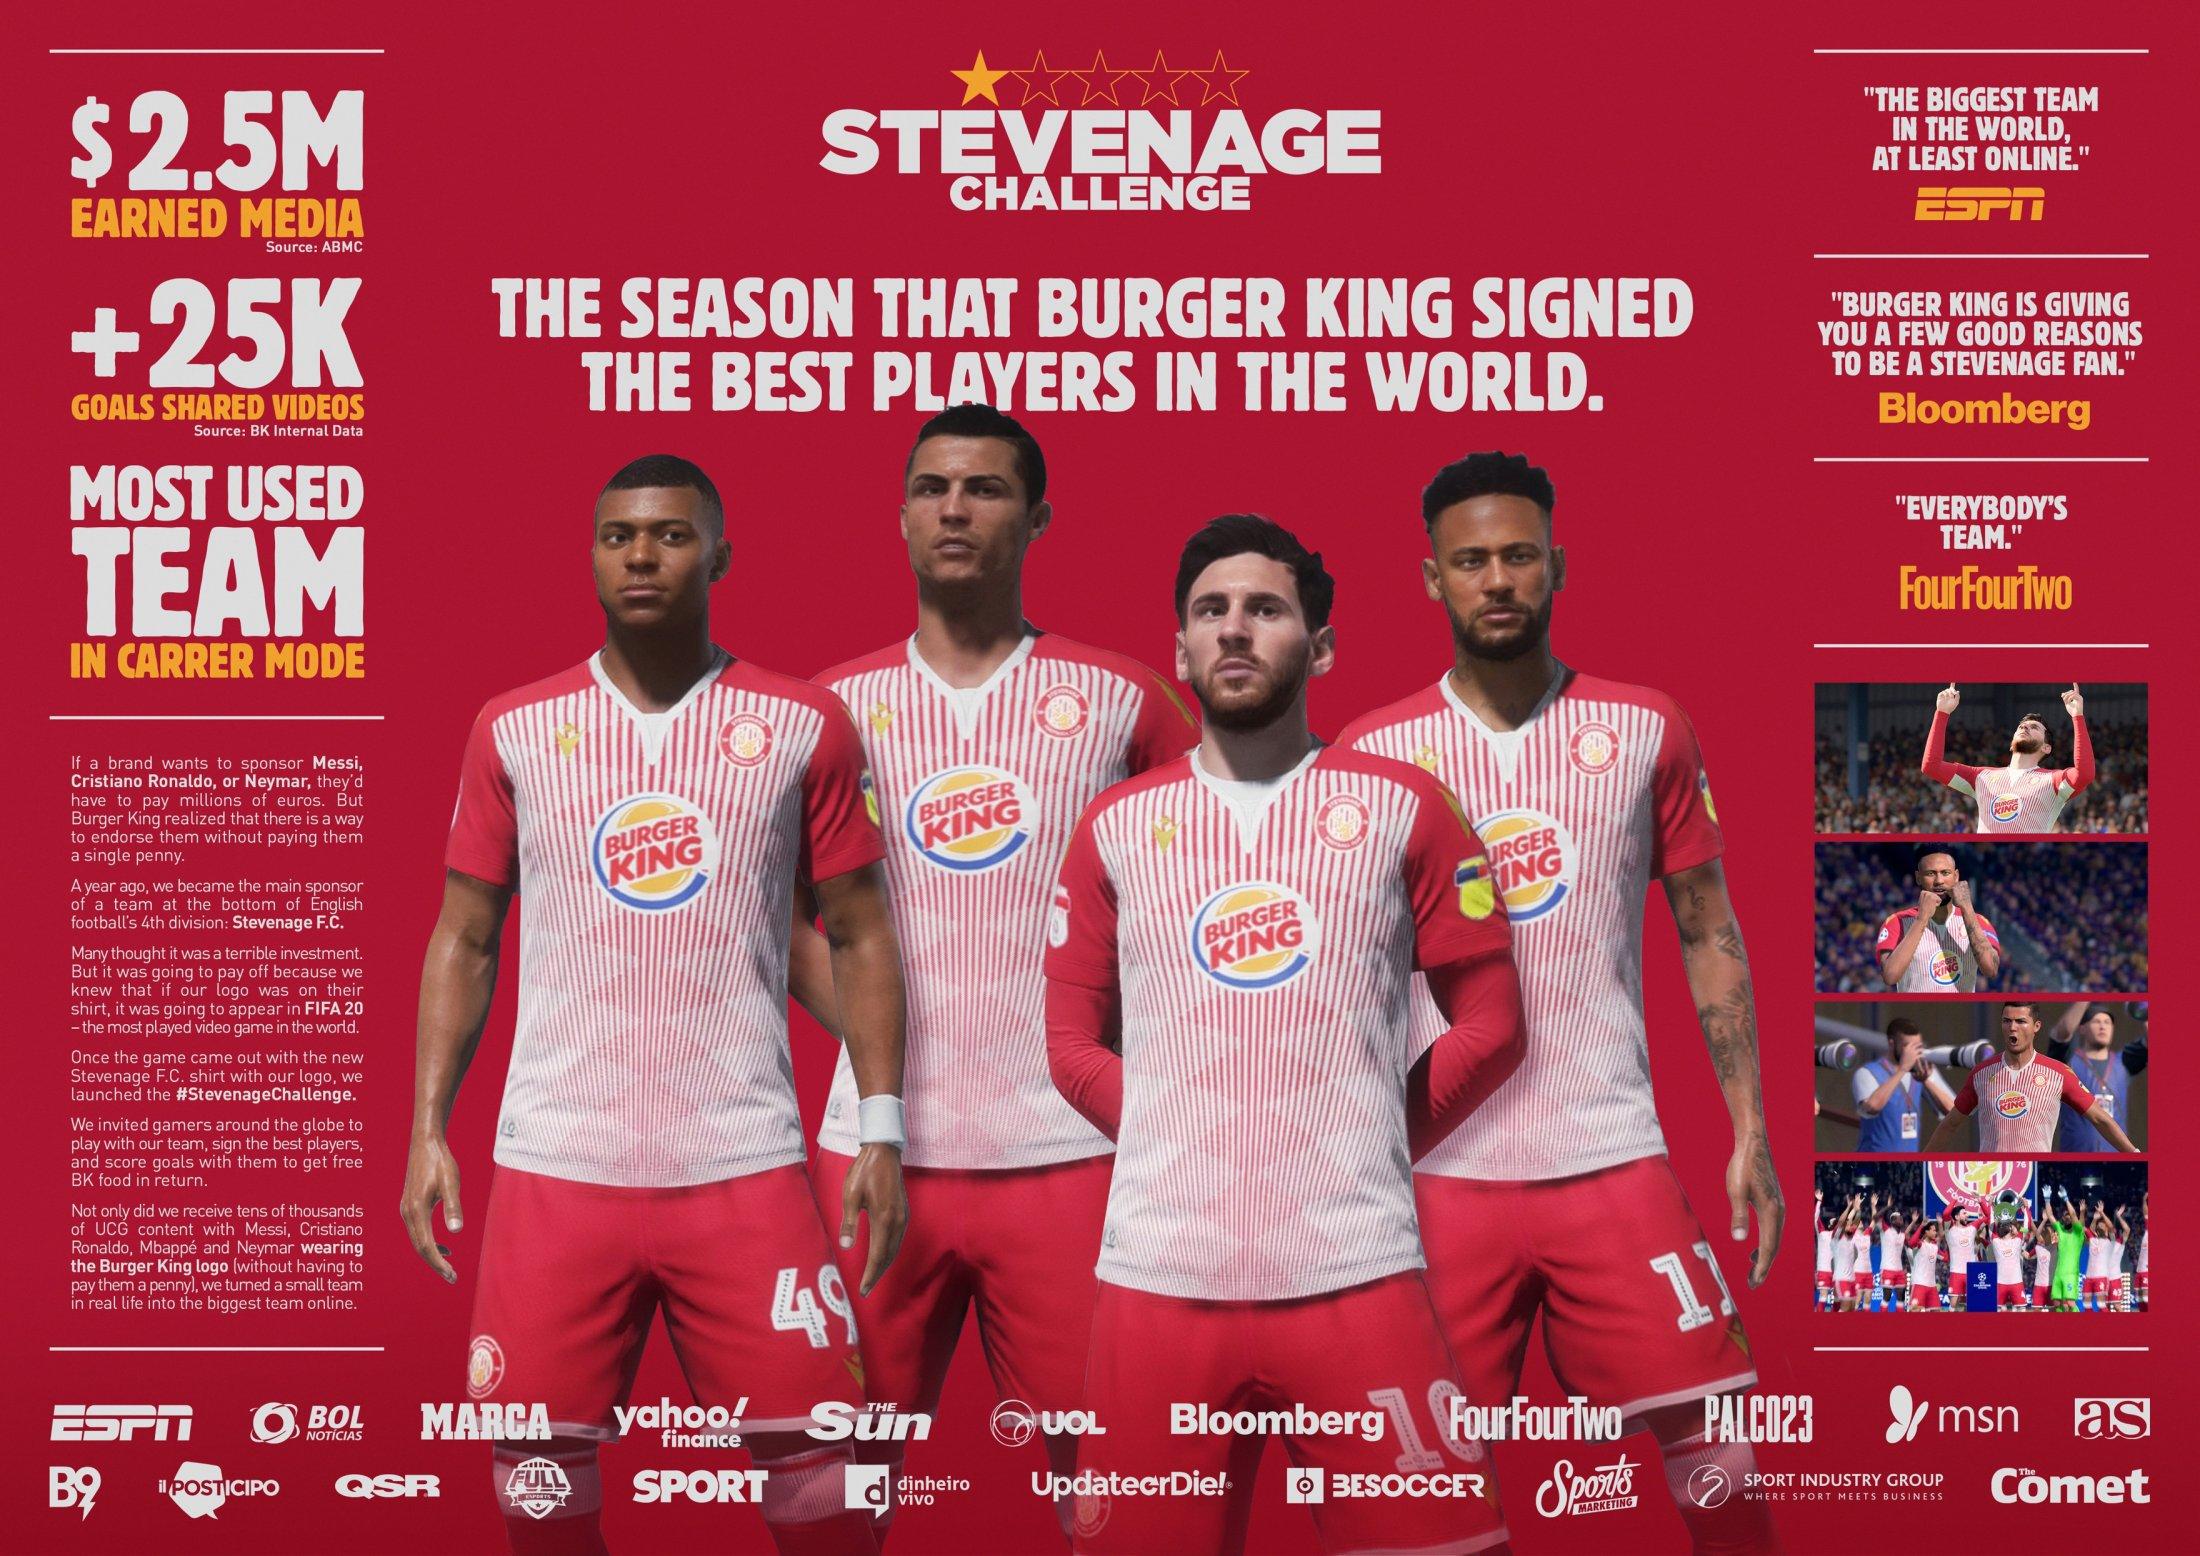 Thumbnail for BK Stevenage Challenge